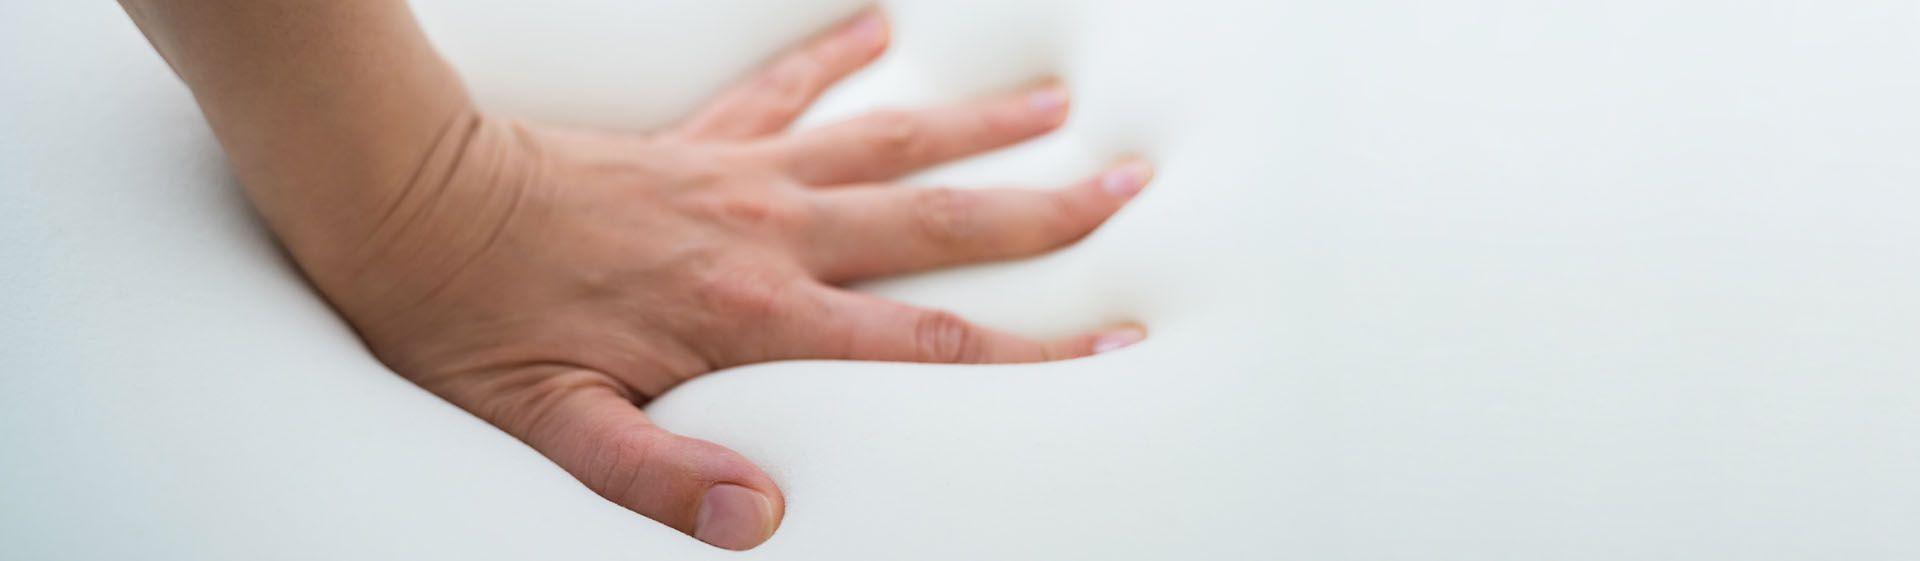 mão apertando colchão